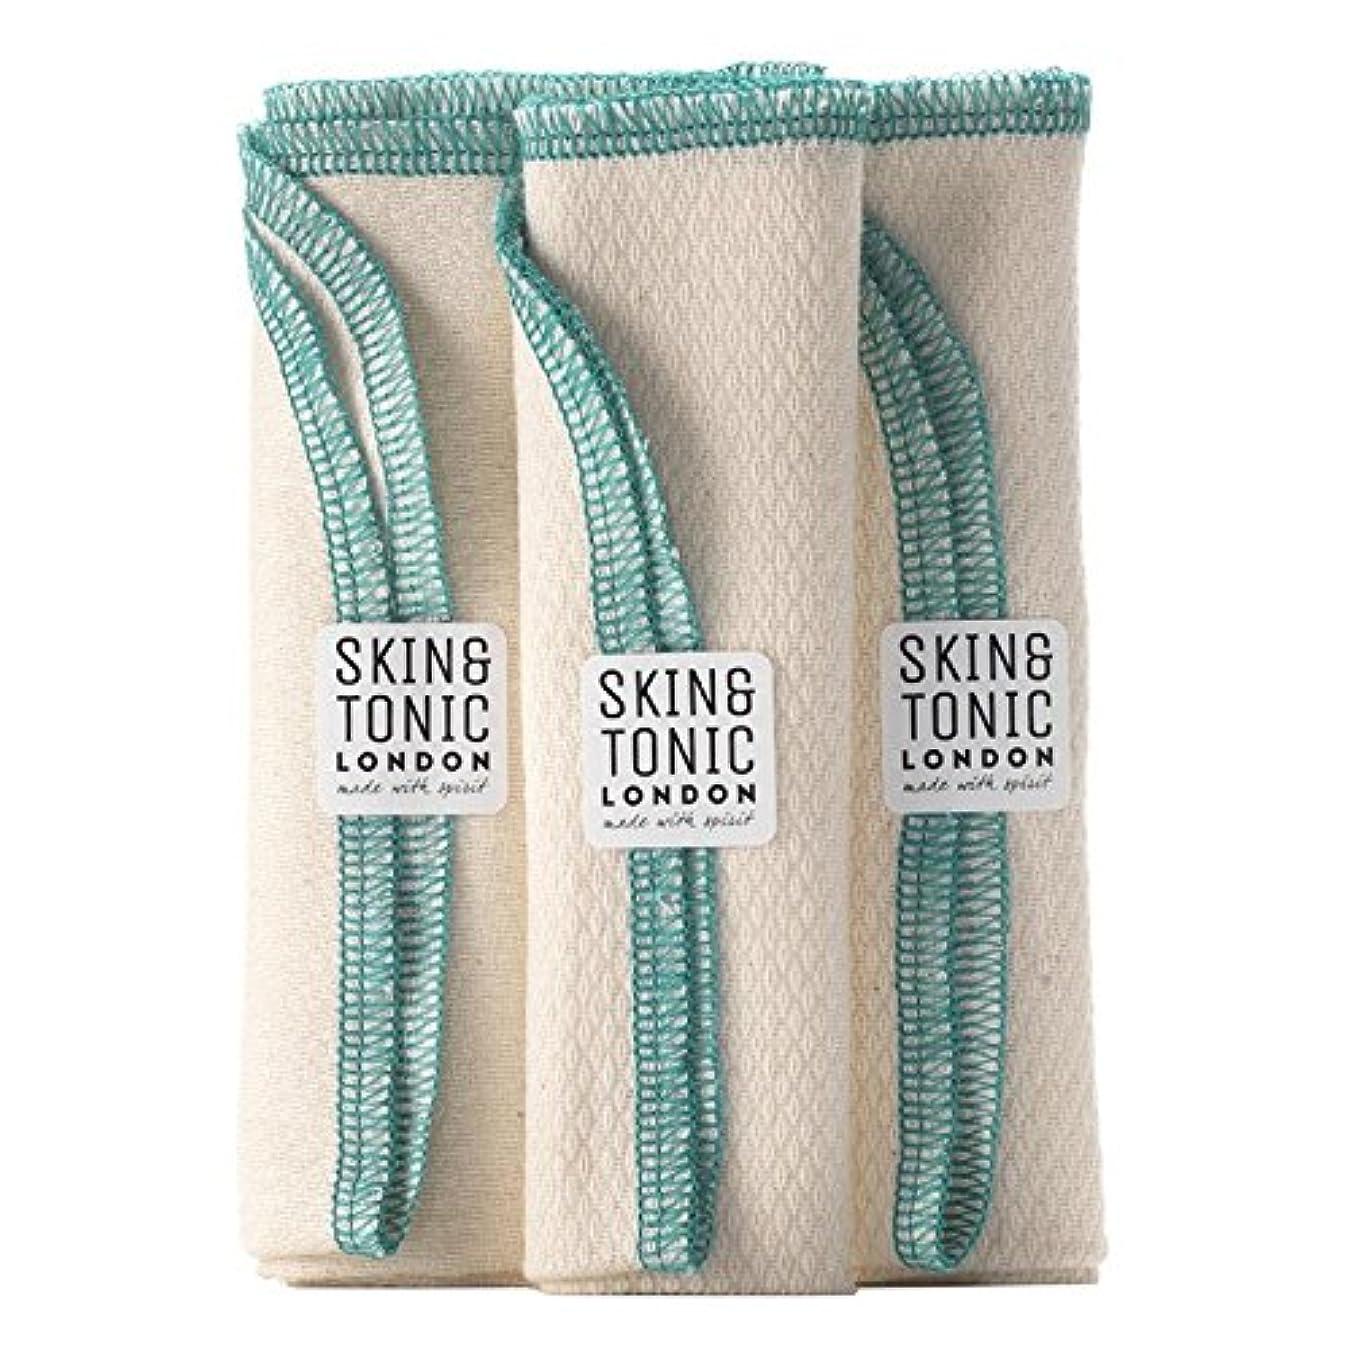 取り囲む雄弁なリールスキン&トニックロンドンオーガニックコットン生地 x4 - Skin & Tonic London Organic Cotton Cloth (Pack of 4) [並行輸入品]